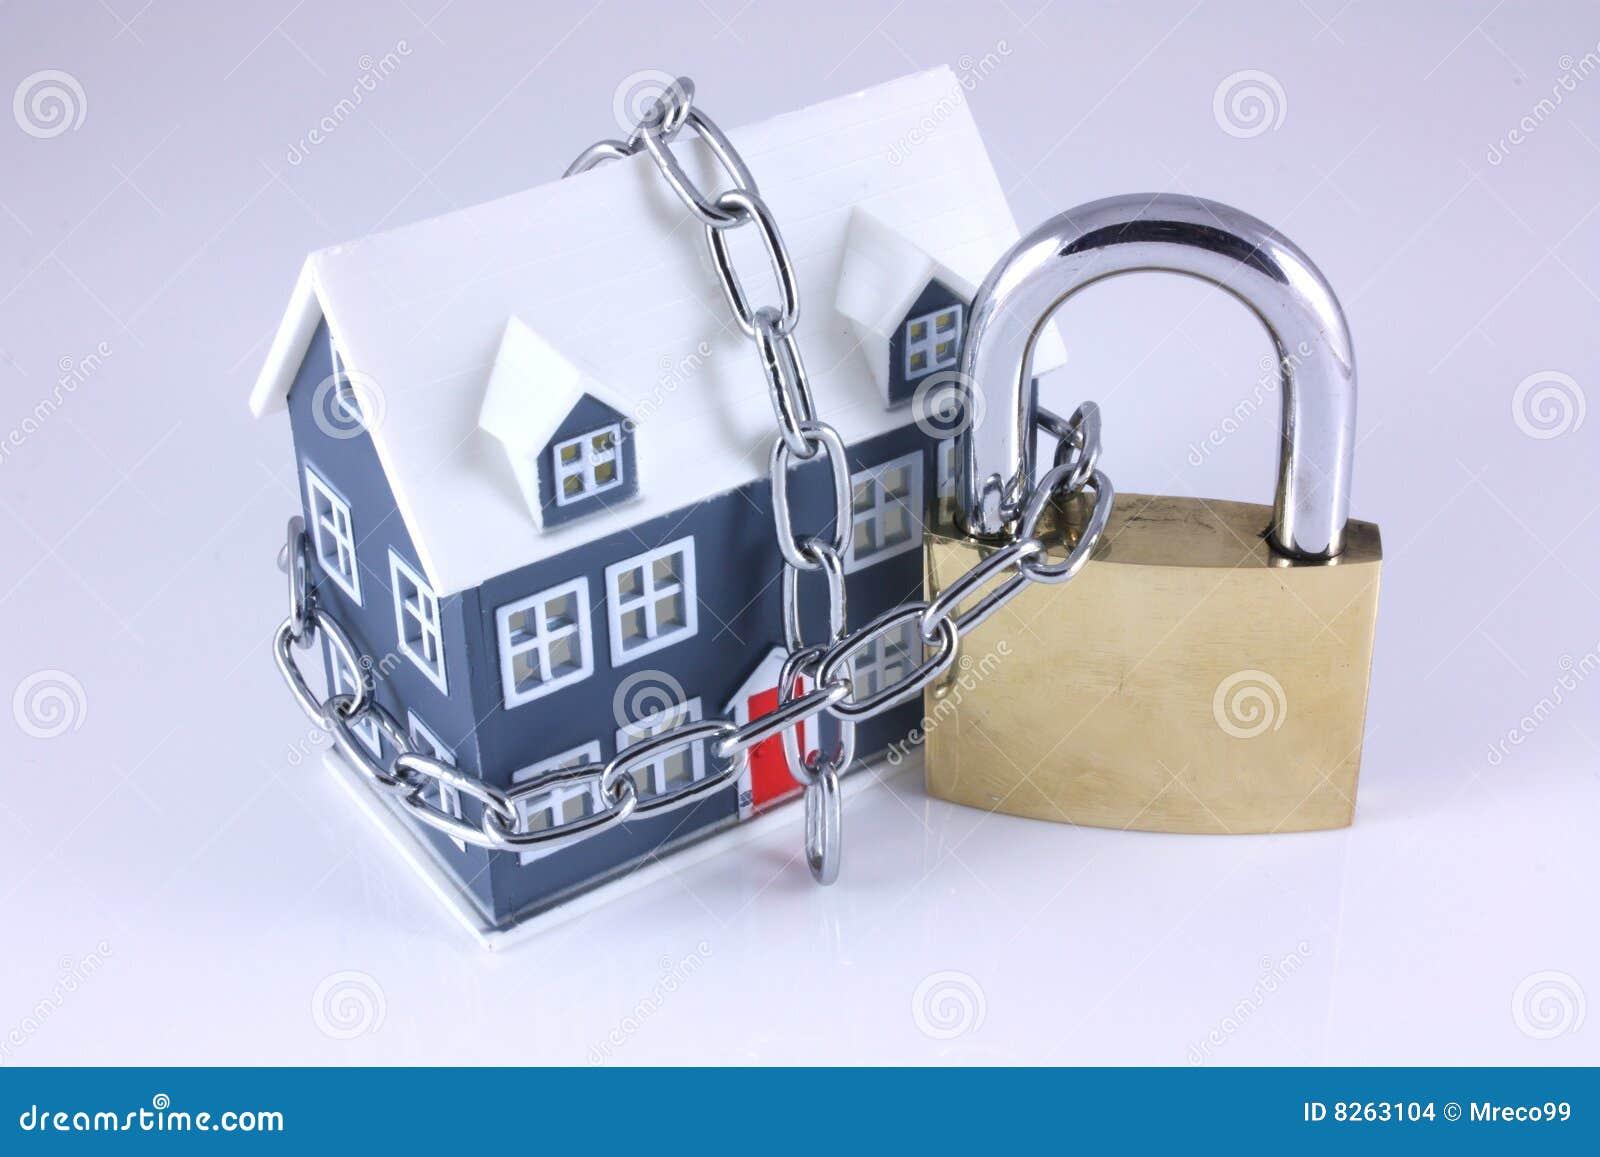 Seguridad de la casa imagenes de archivo imagen 8263104 - Seguridad de casas ...